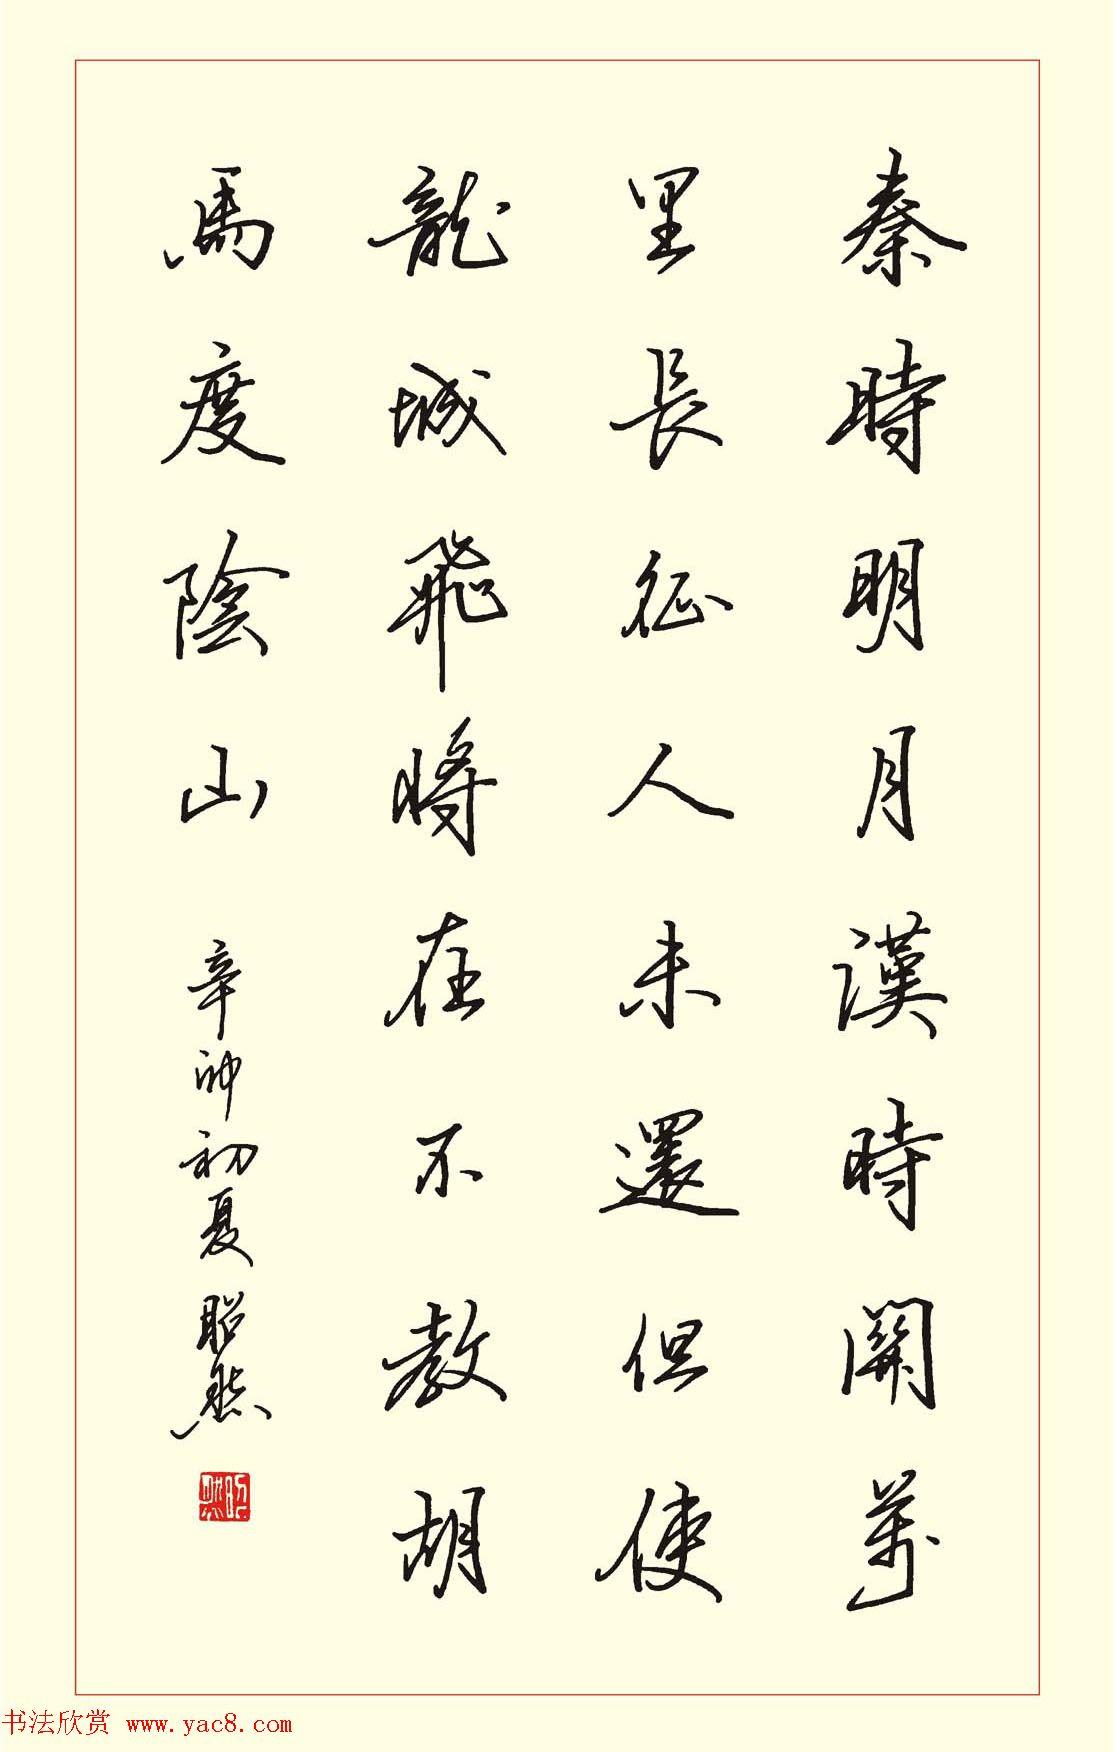 四川谢昭然硬笔书法作品欣赏 第7页 硬笔书法 书法欣赏